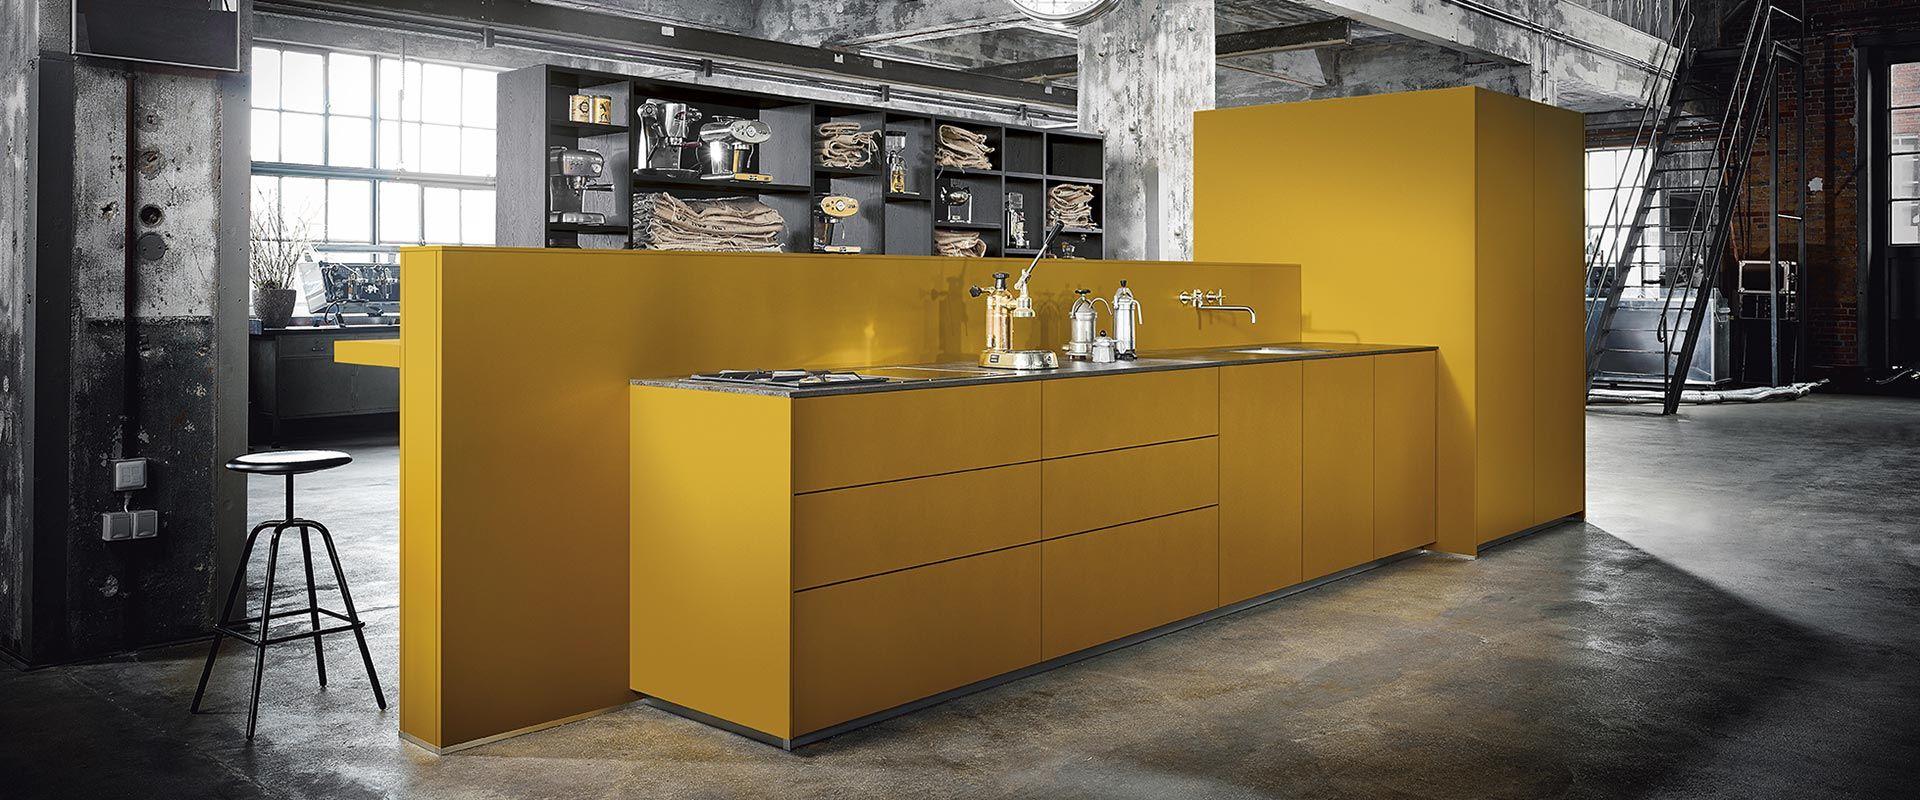 keuken geel